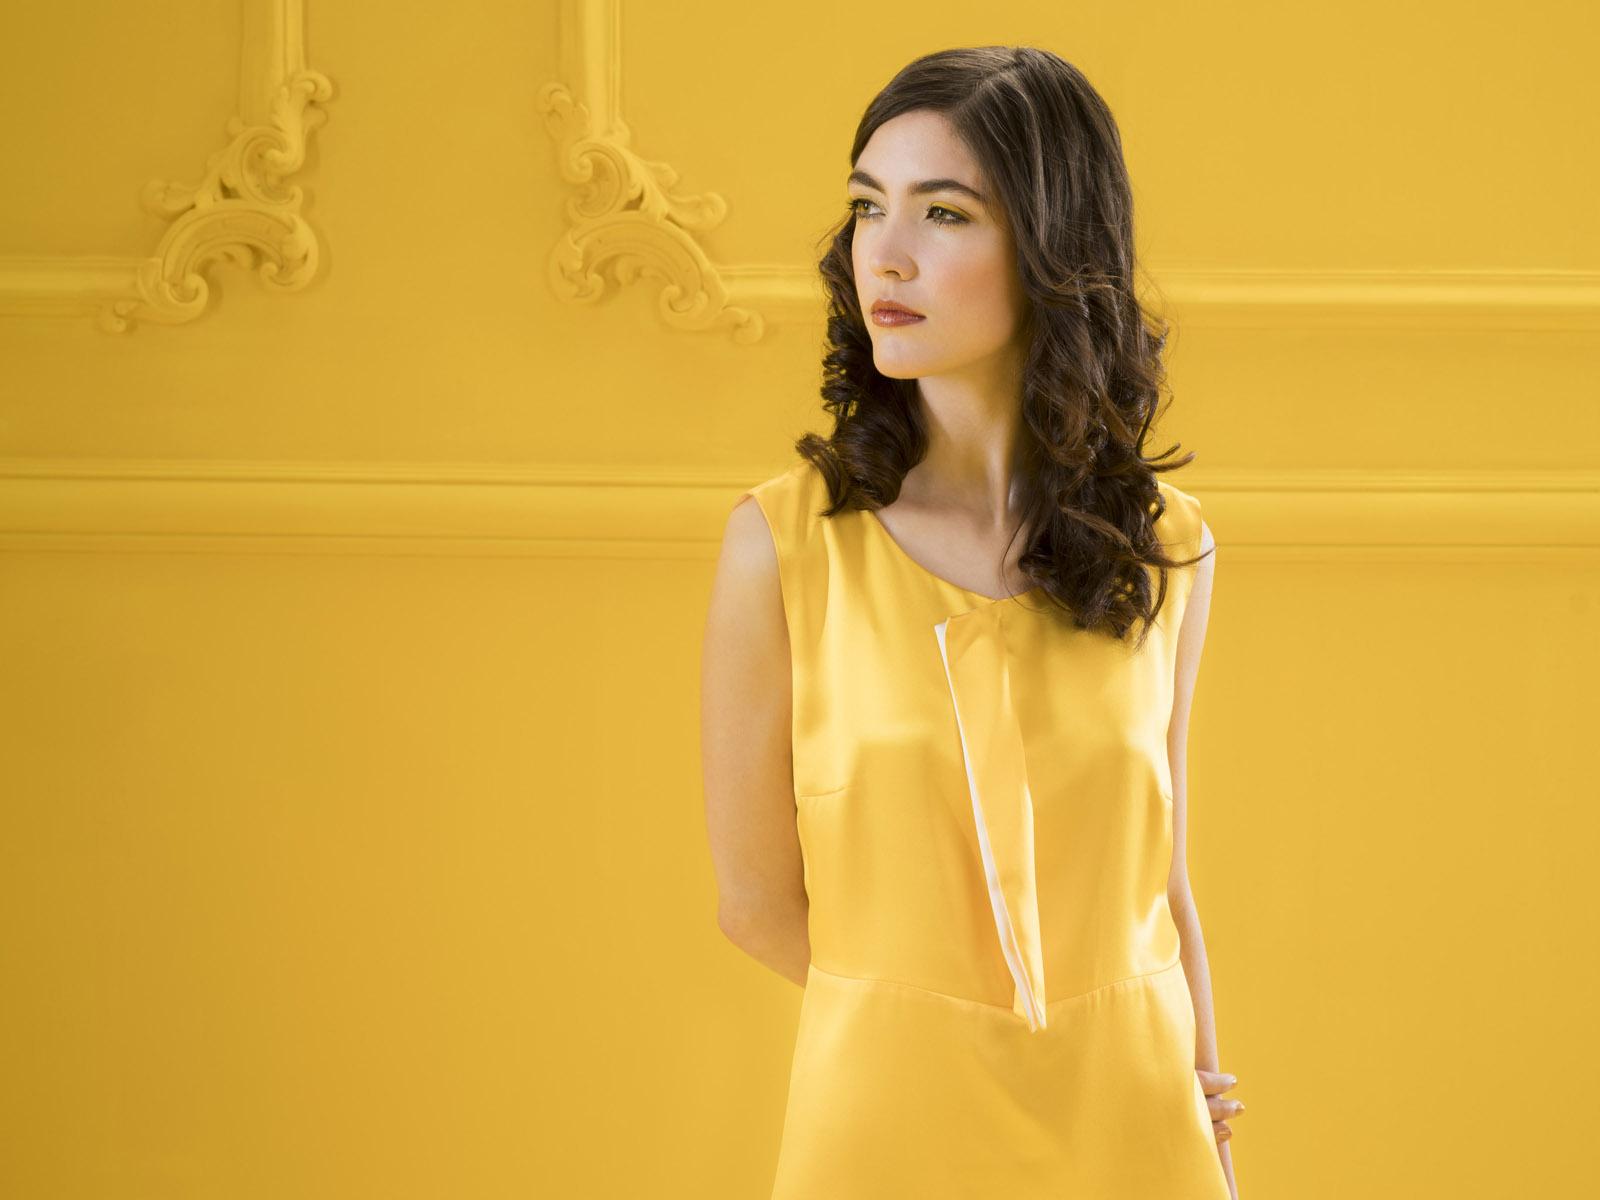 Seidenkleid Konda von meinweiß, gelb, 100% Seide